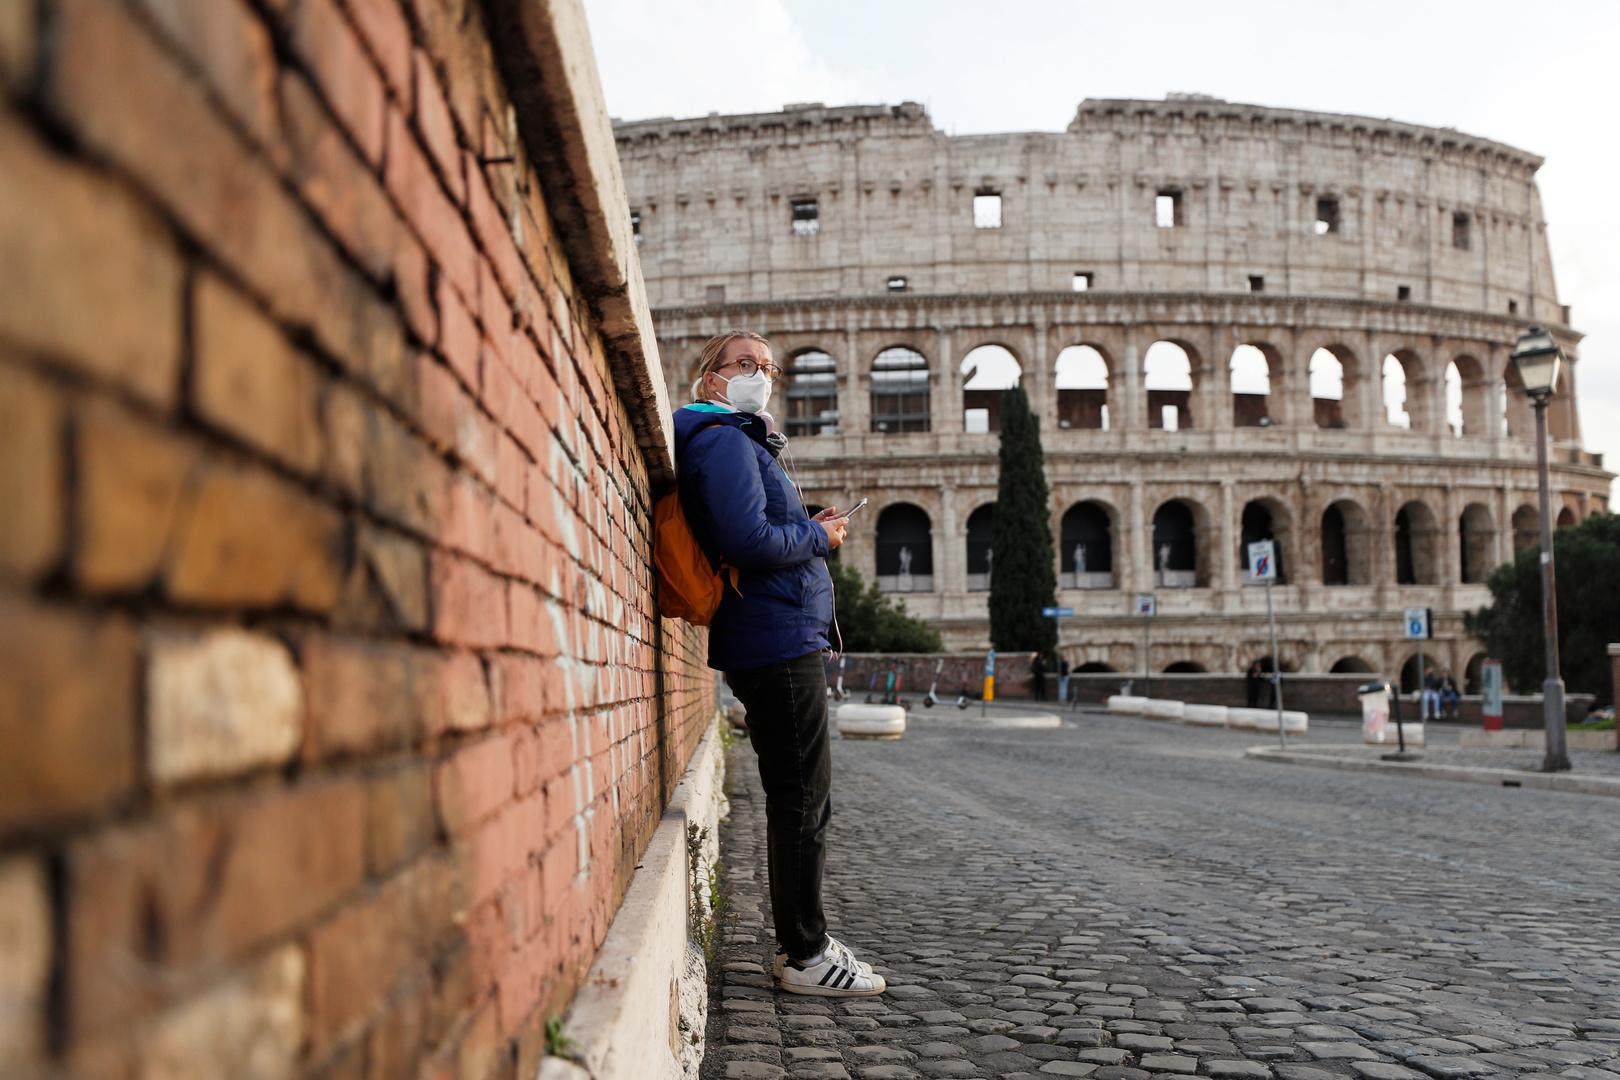 إيطاليا 548 وفاة و20331 إصابة جديدة بكورونا